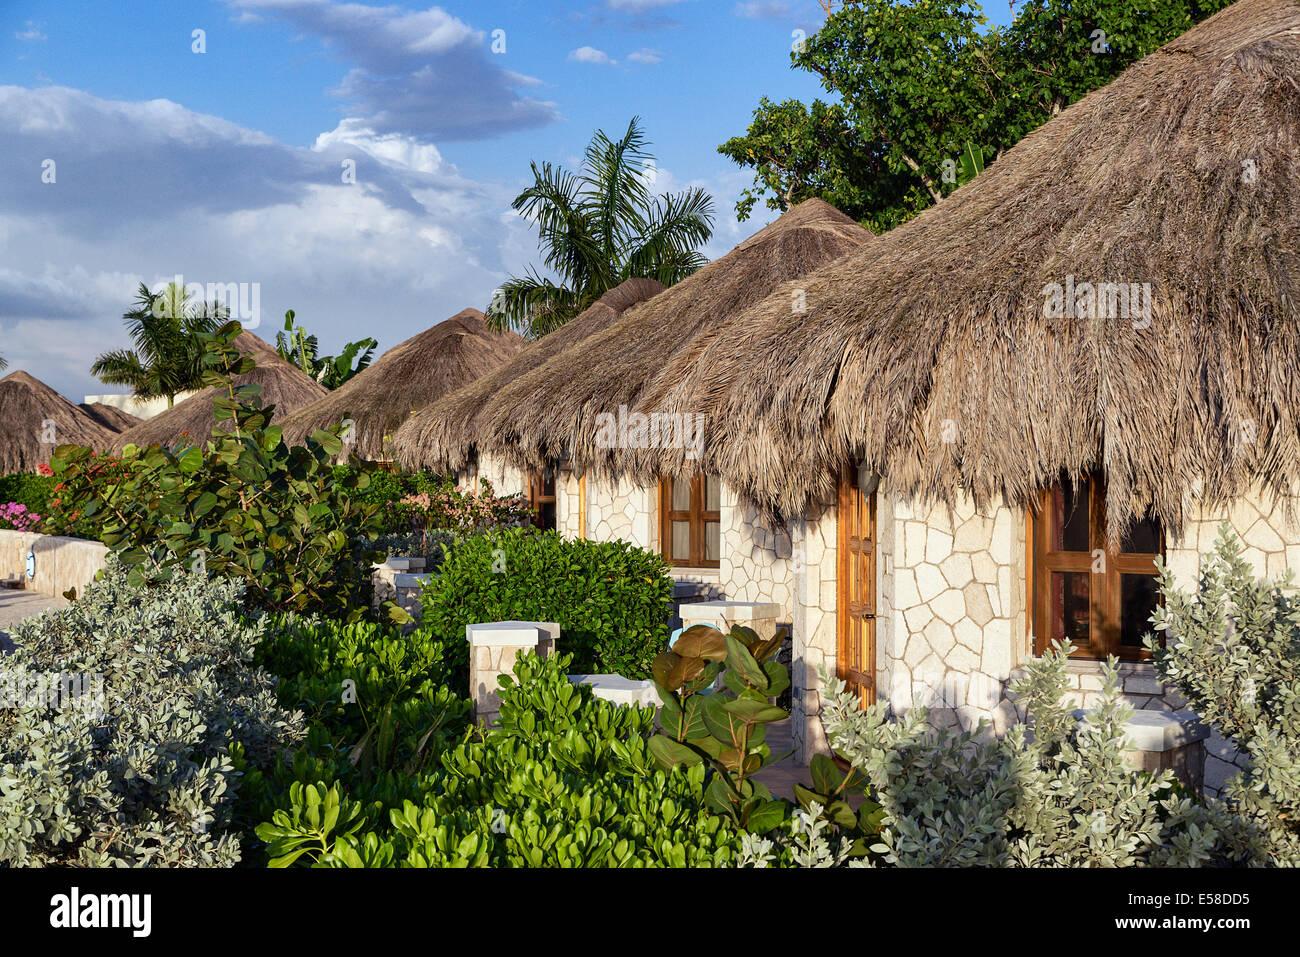 La Spa Retreat boutique hotel cottage con tetto in paglia. Immagini Stock